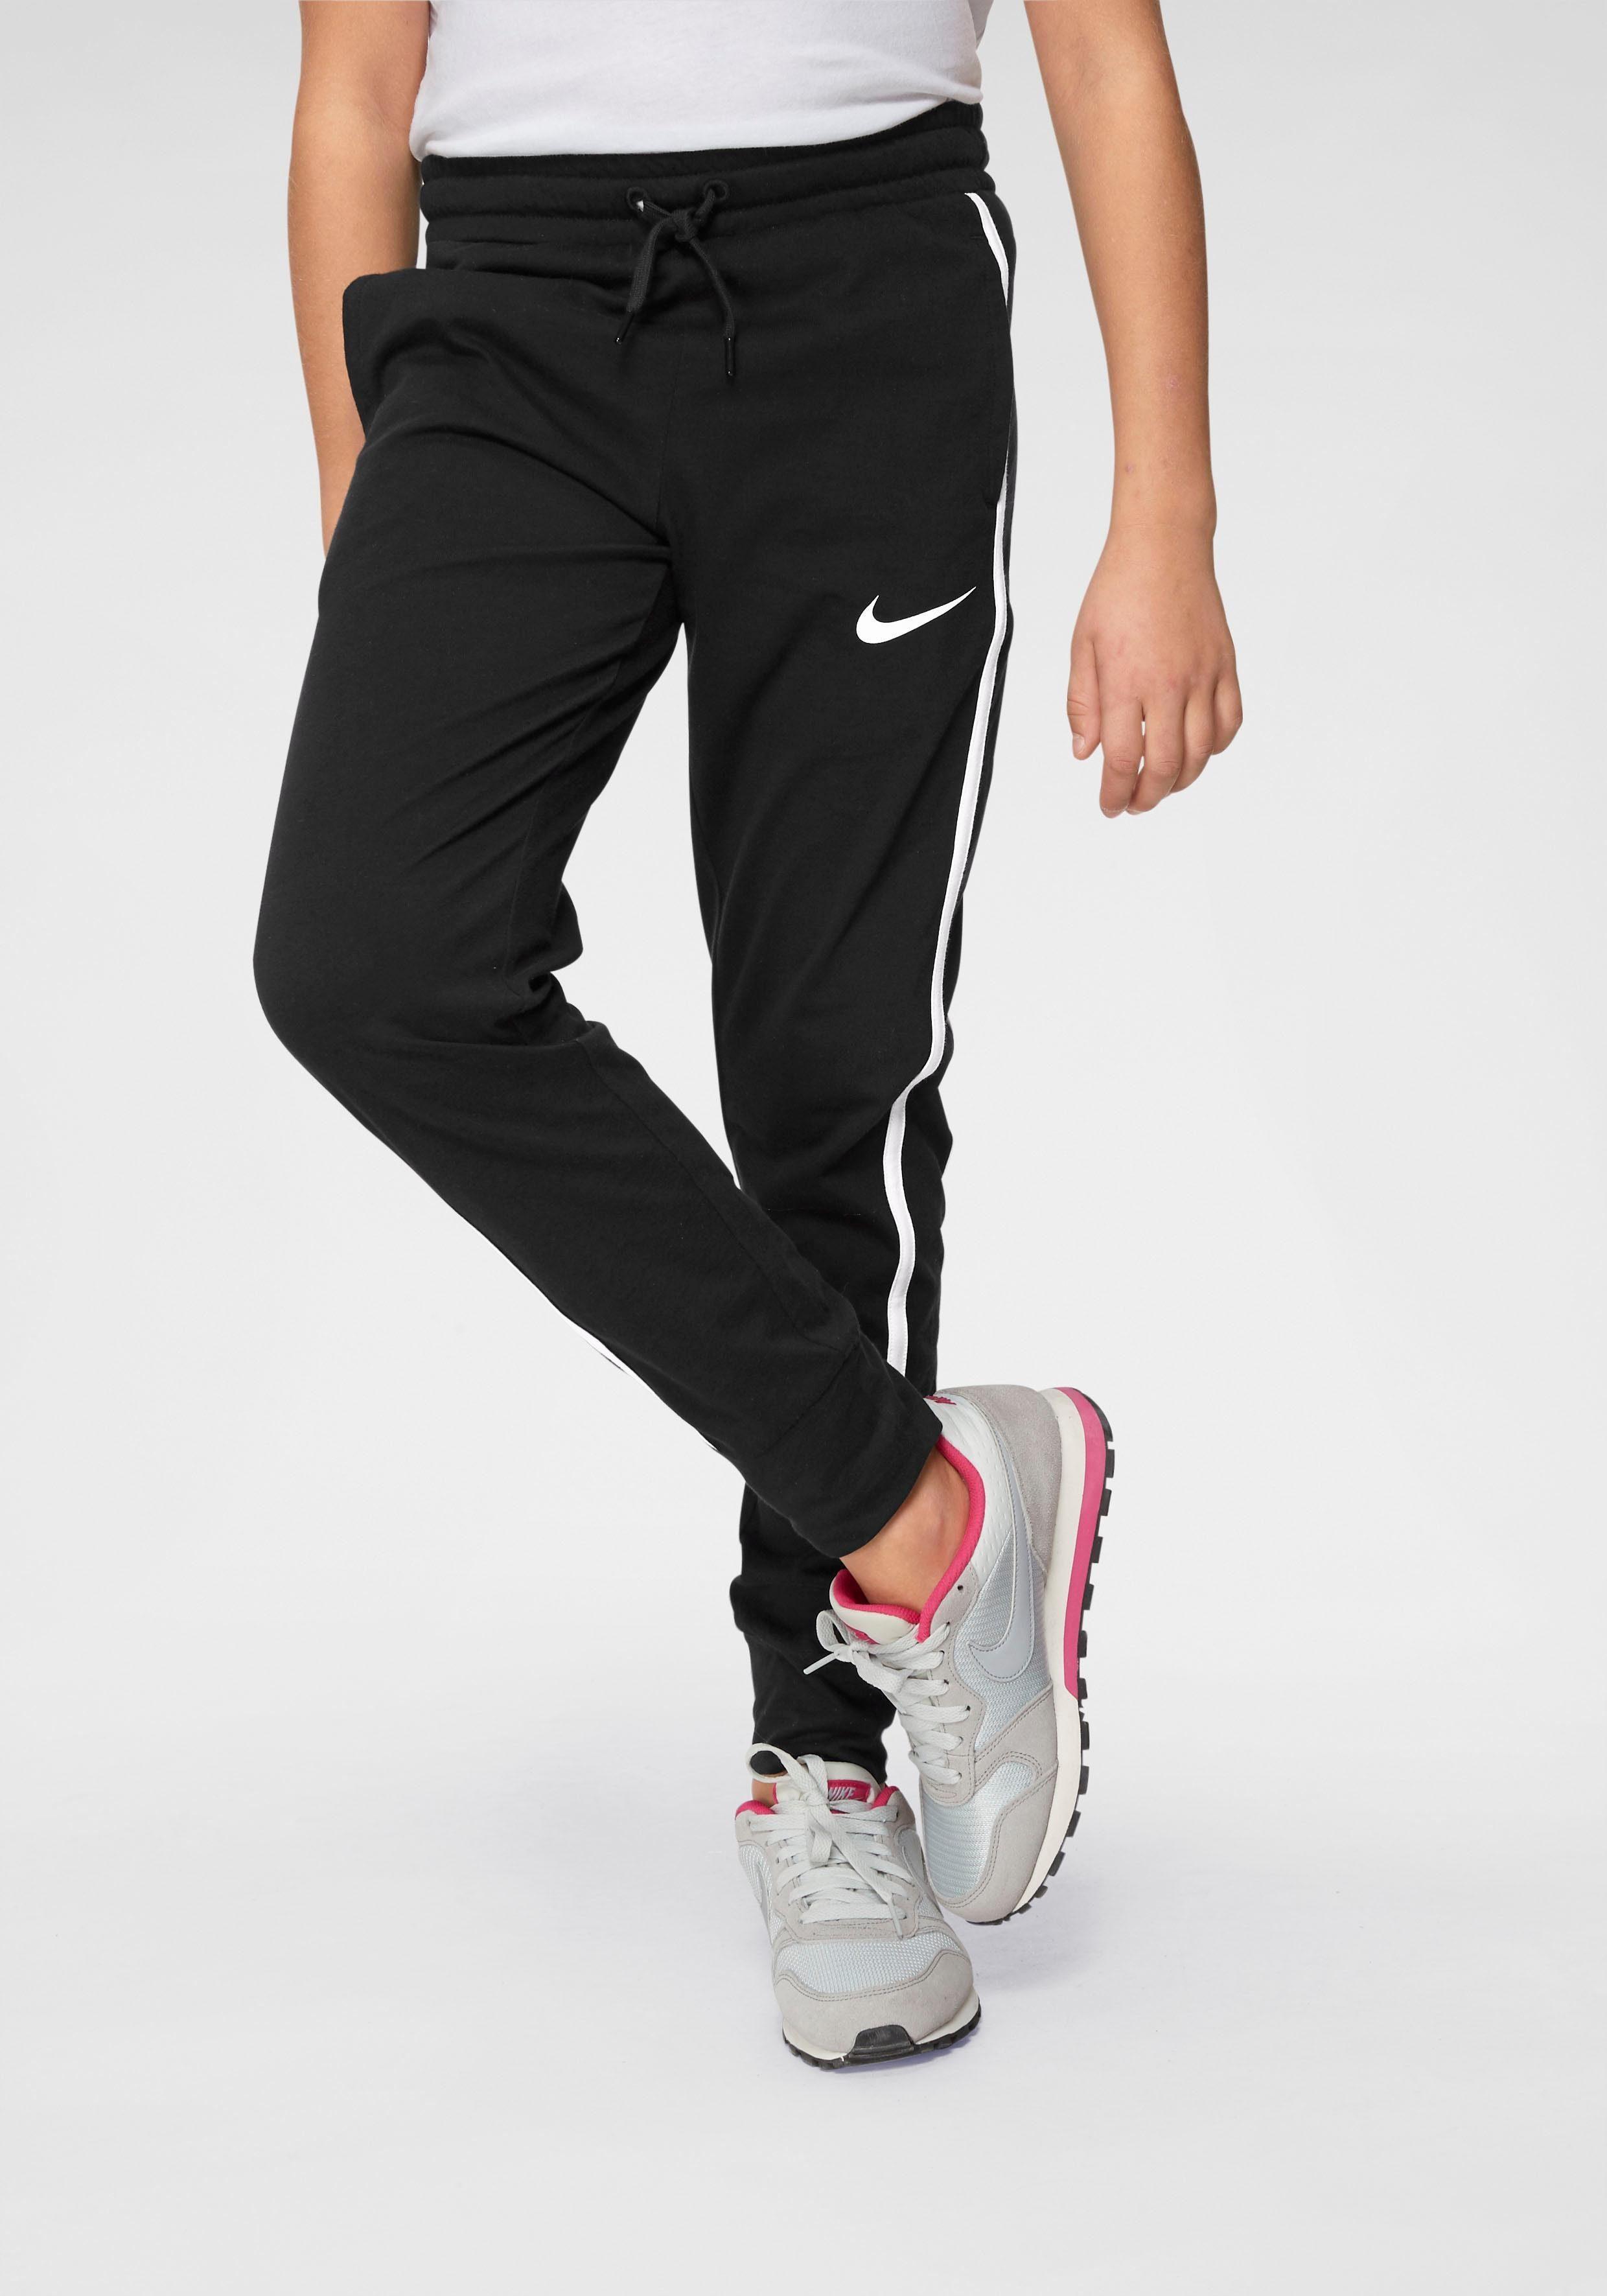 Nike Sportswear Jogginghose »GIRLS NIKE SPORTSWEAR PANT JERSEY« online kaufen | OTTO